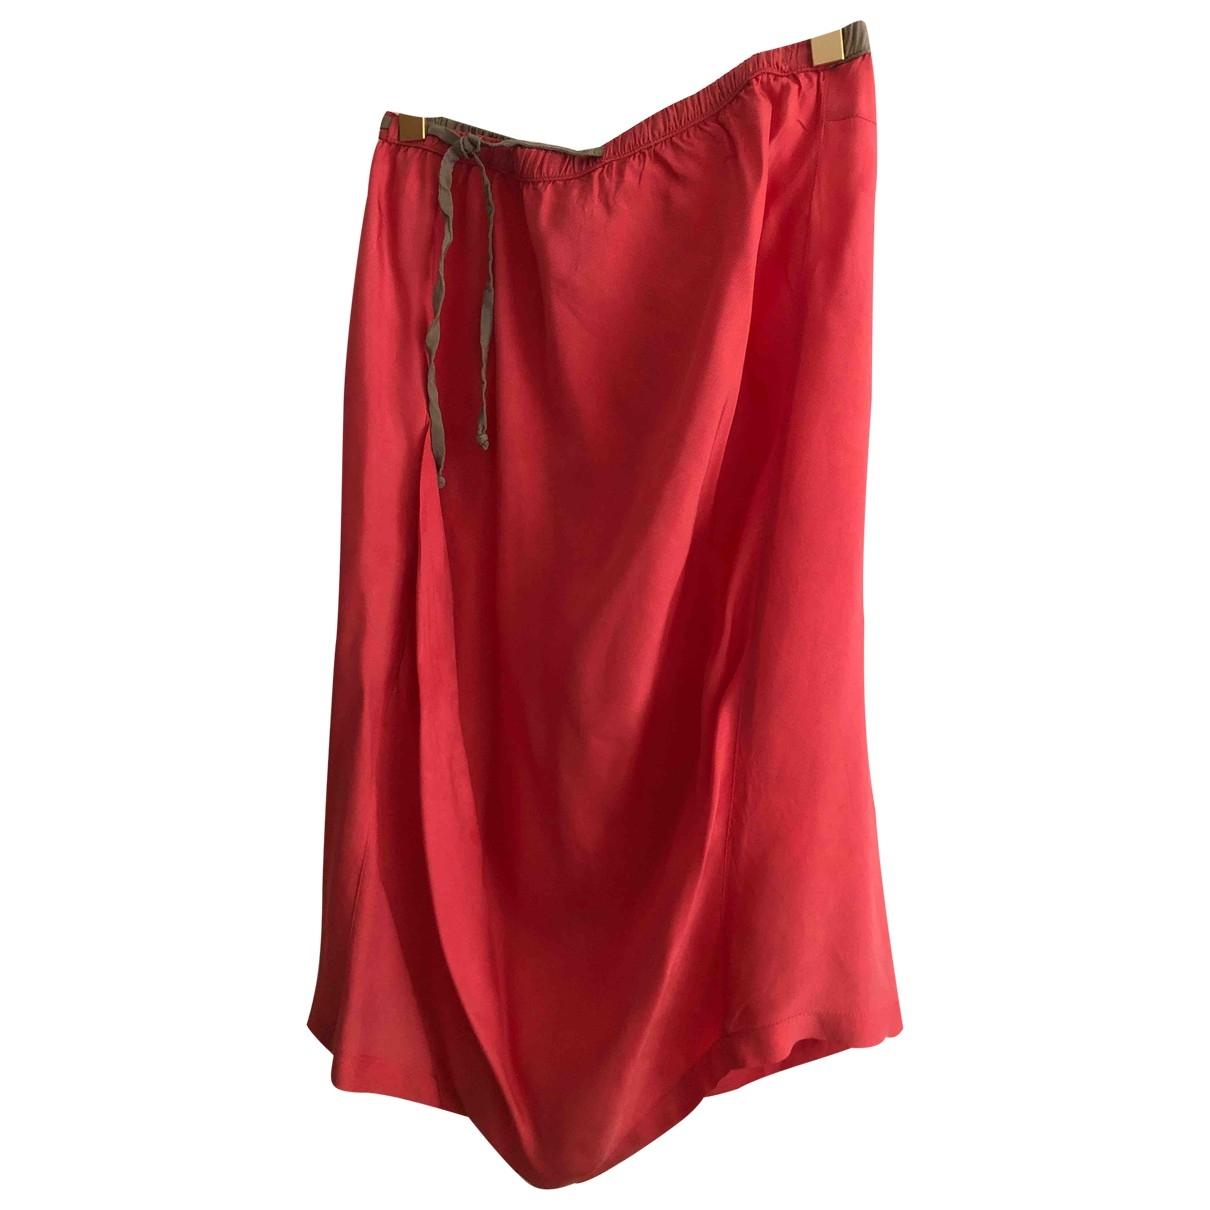 Humanoid \N Pink skirt for Women S International